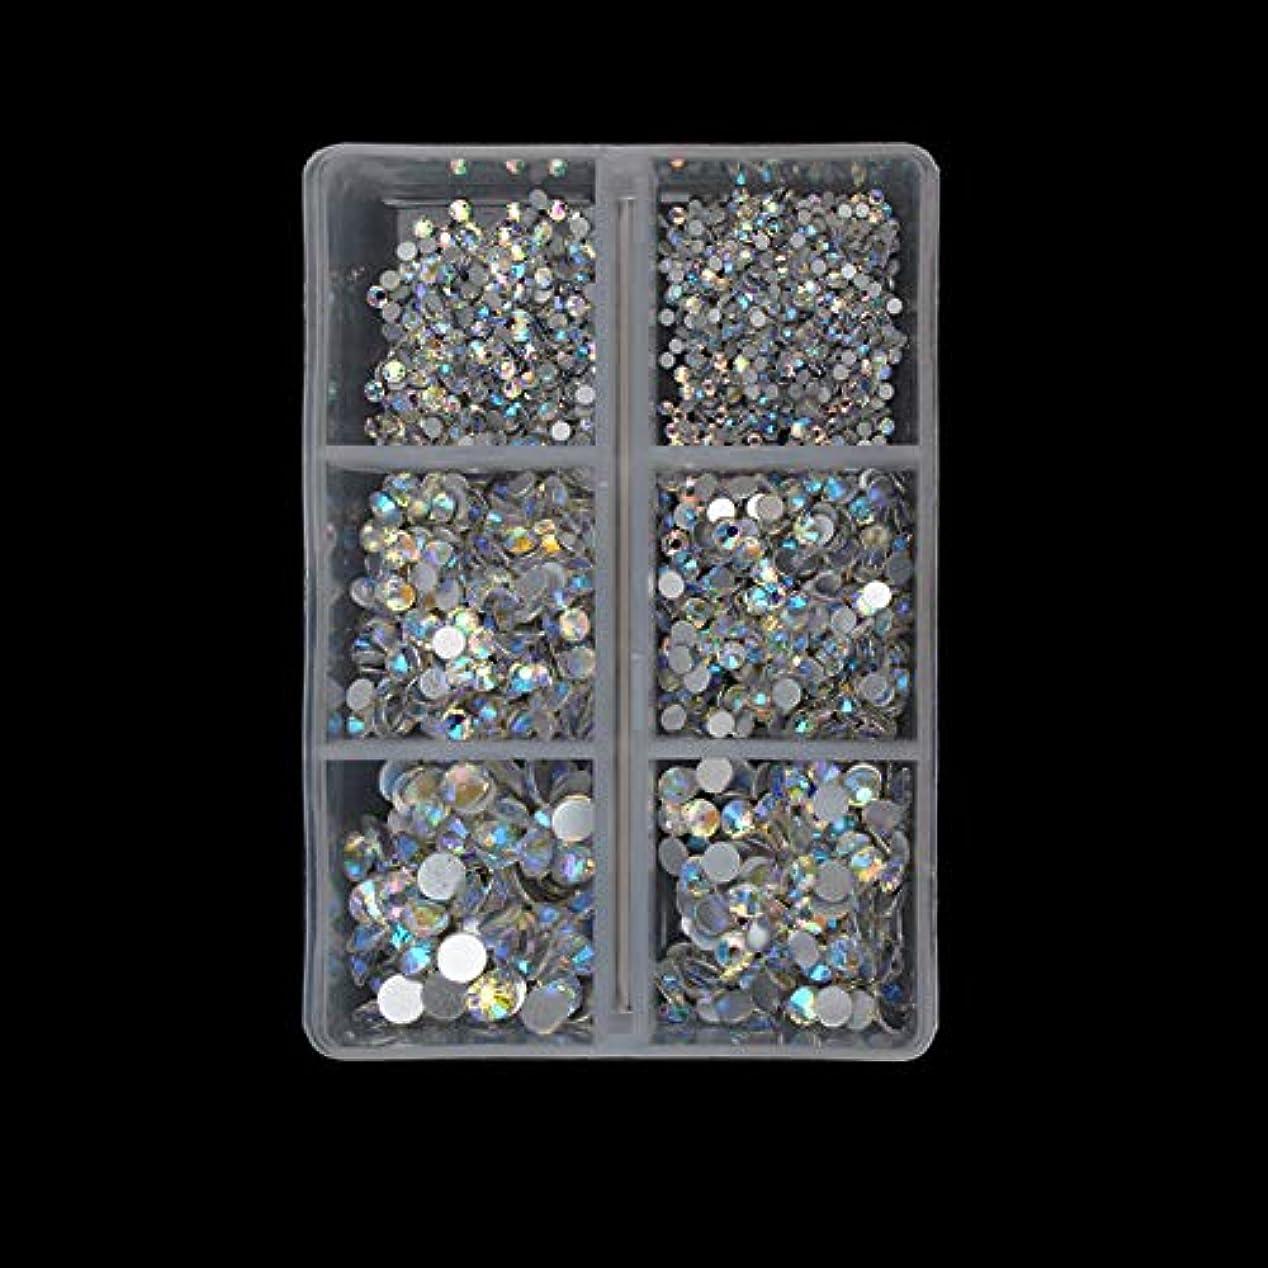 ワイヤーに同意するミトンACHICOO ネイルラインストーン UVネイルポリッシュ ネイルジュエリー用 6グリッド/セット キラキラ ガラス 可愛い 手作りネイル   14箱入り